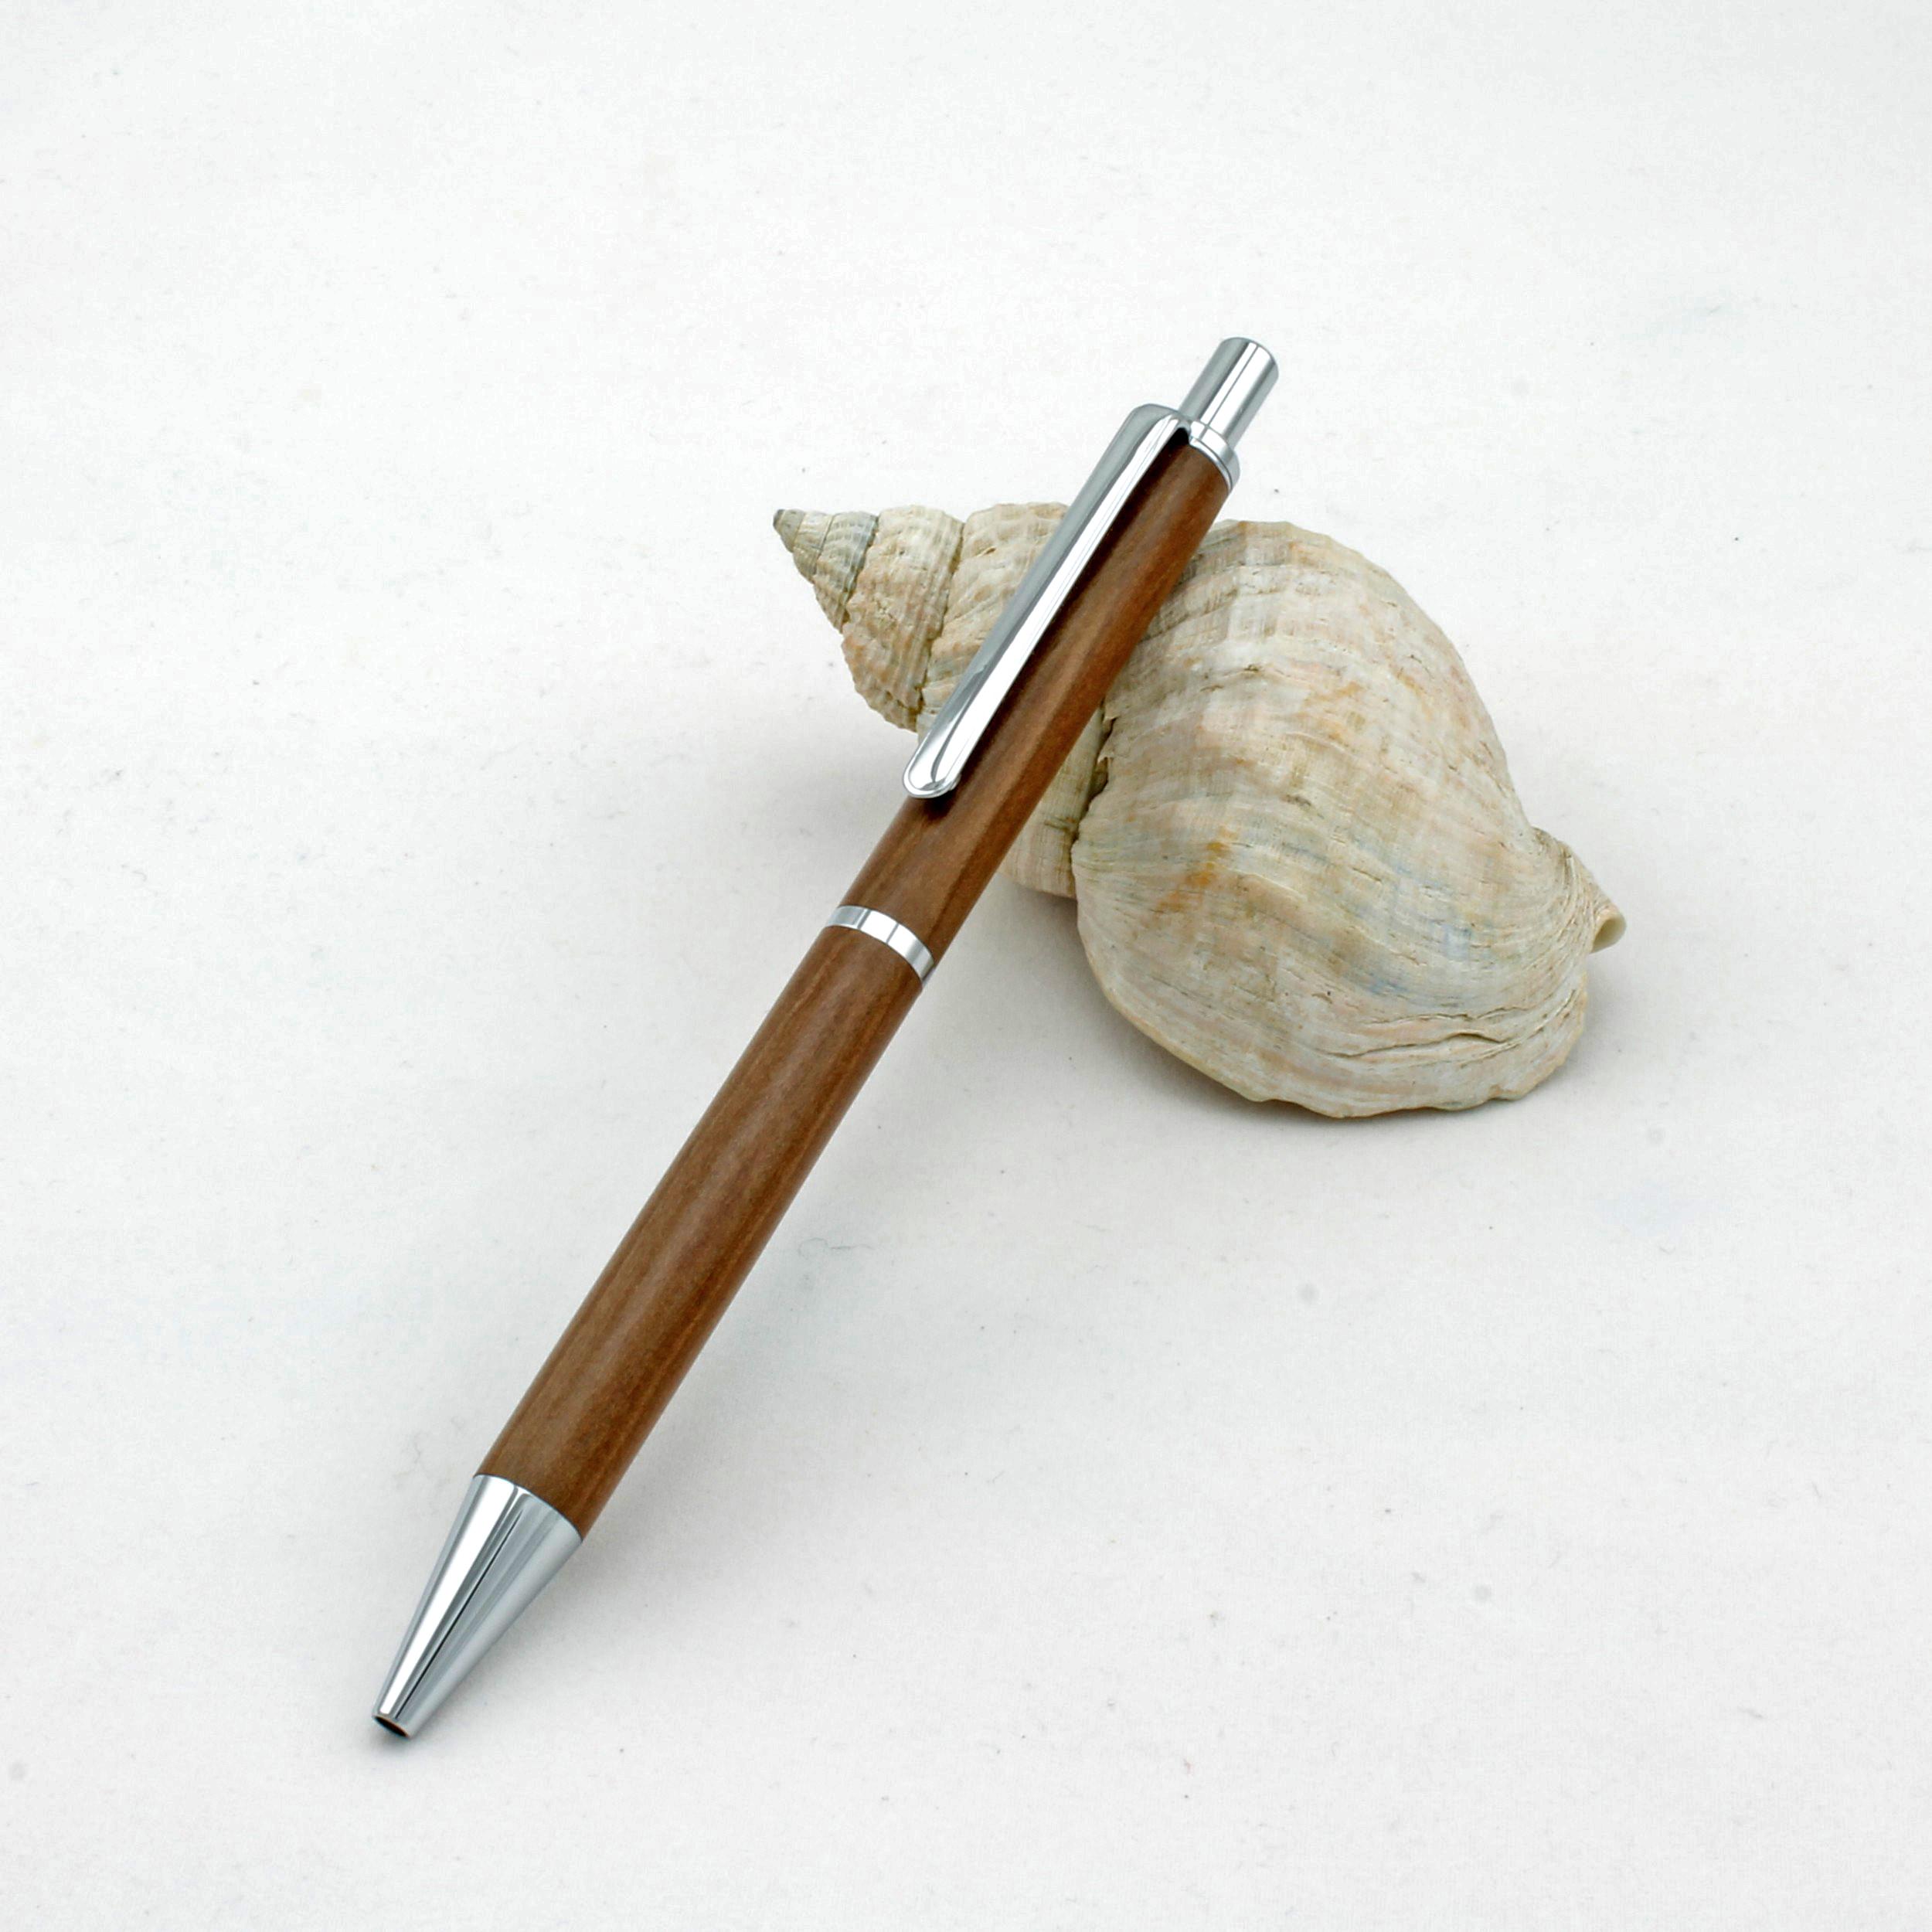 Klick-Kugelschreiber Typ A Apfelbaum